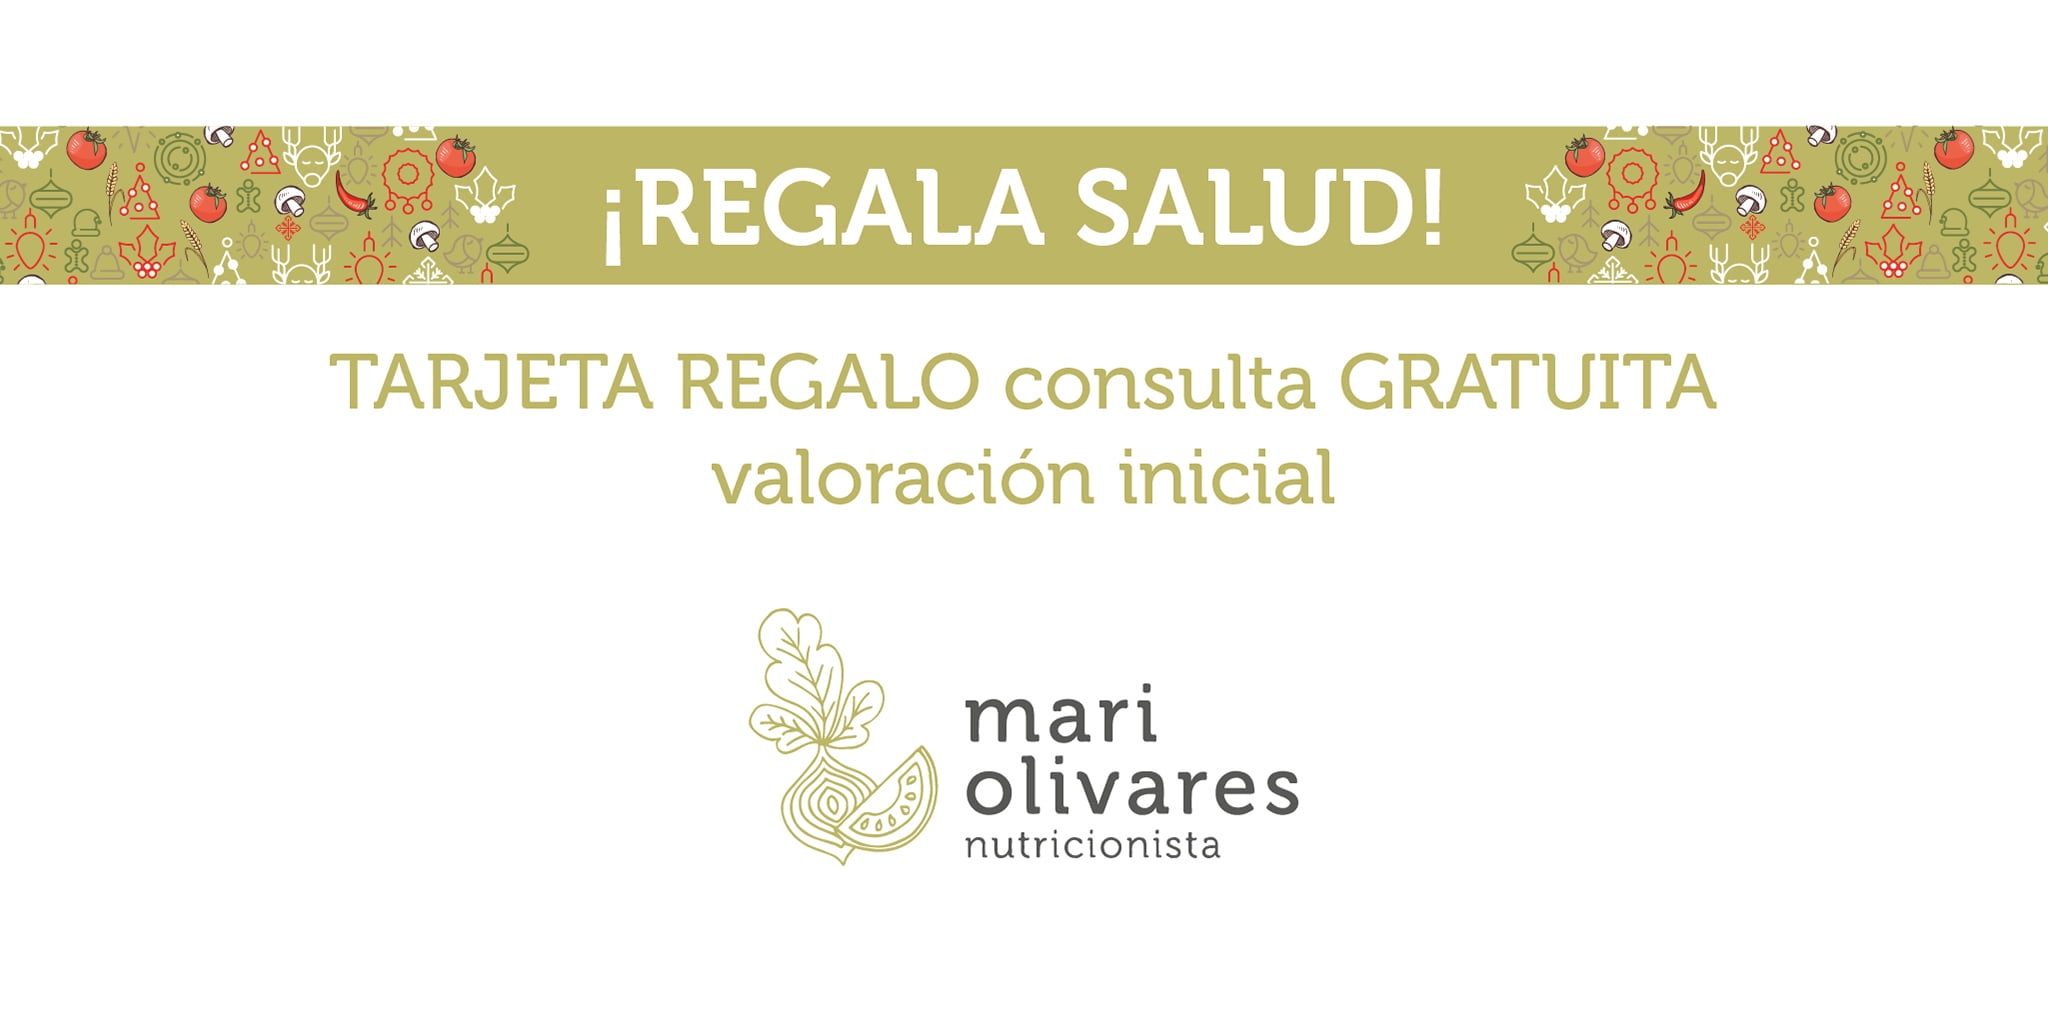 Tarjeta regalo consulta inicial – Dietista-Nutricionista Mari Olivares